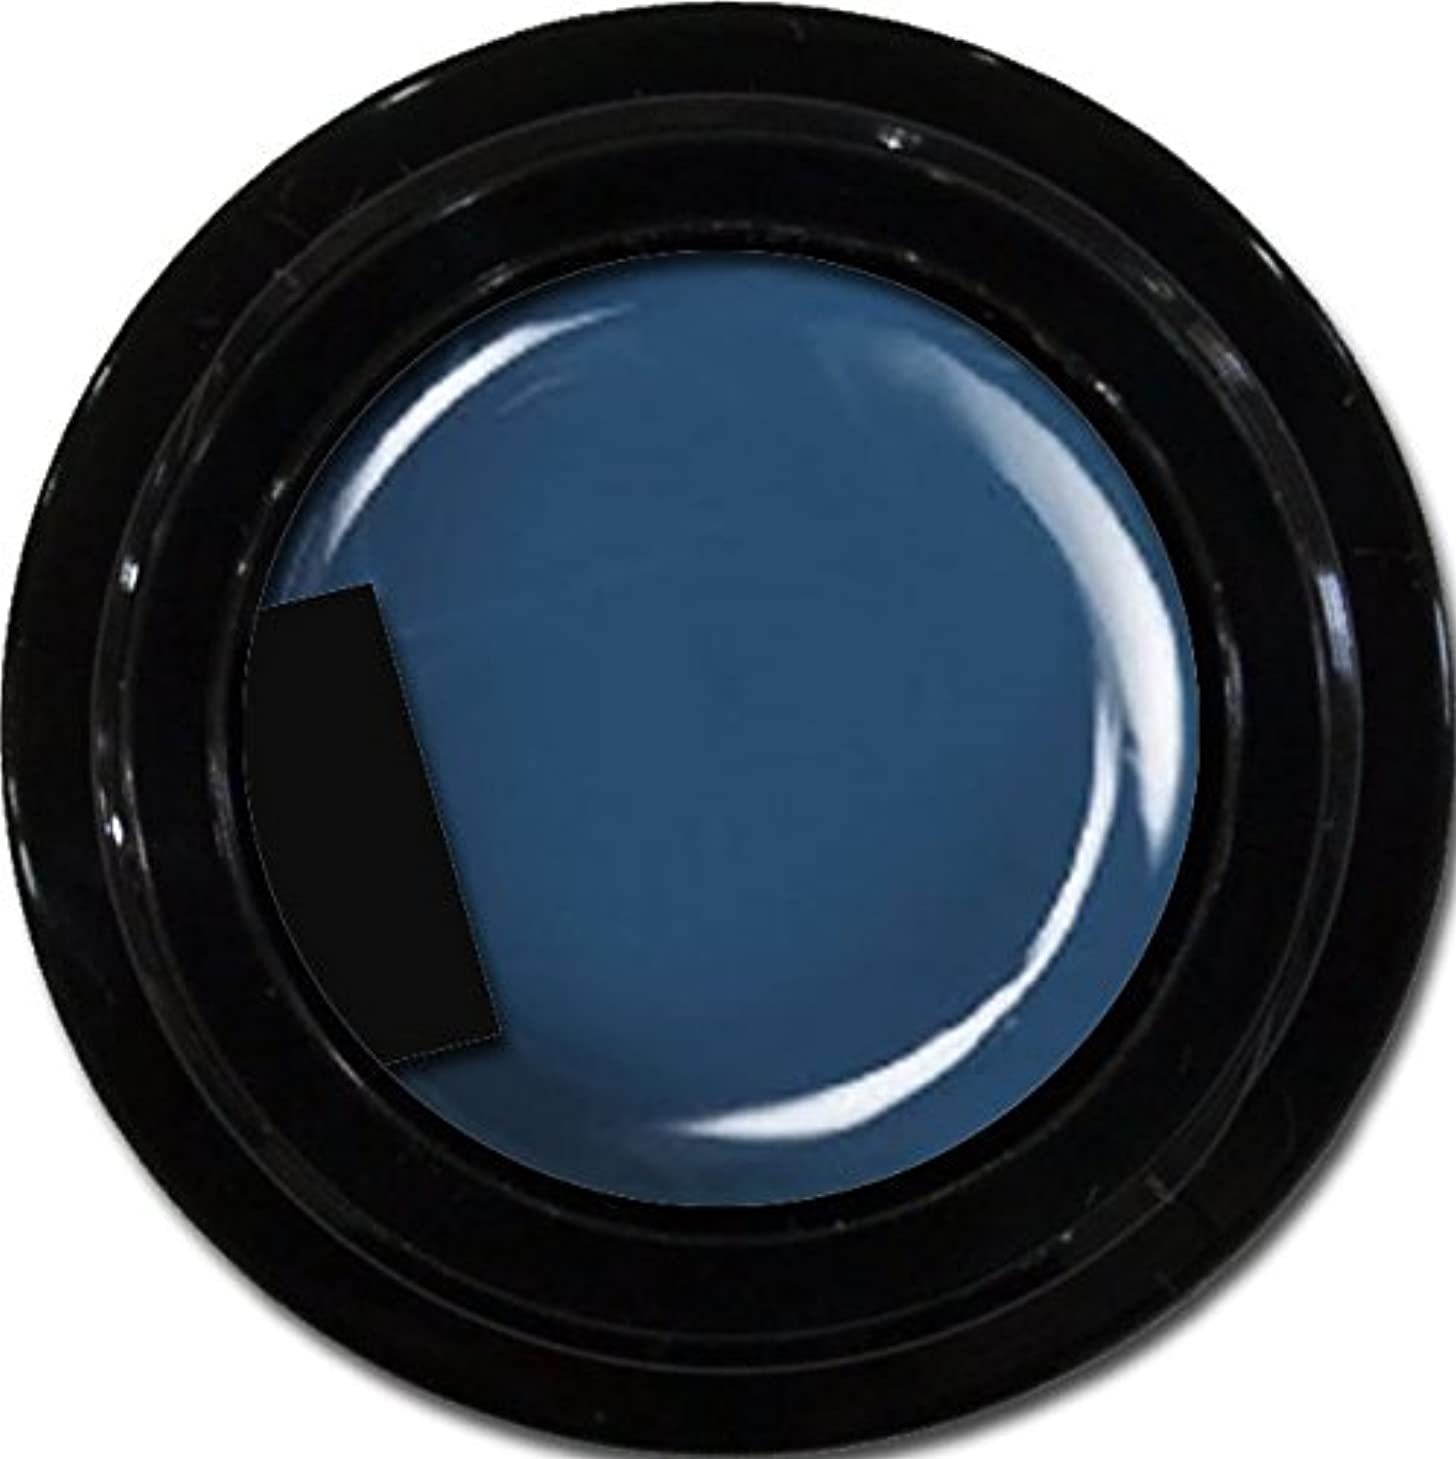 言い直す宿リファインカラージェル enchant color gel M720 BrilliantBlue 3g/ マットカラージェル M720ブリリアントブルー 3グラム